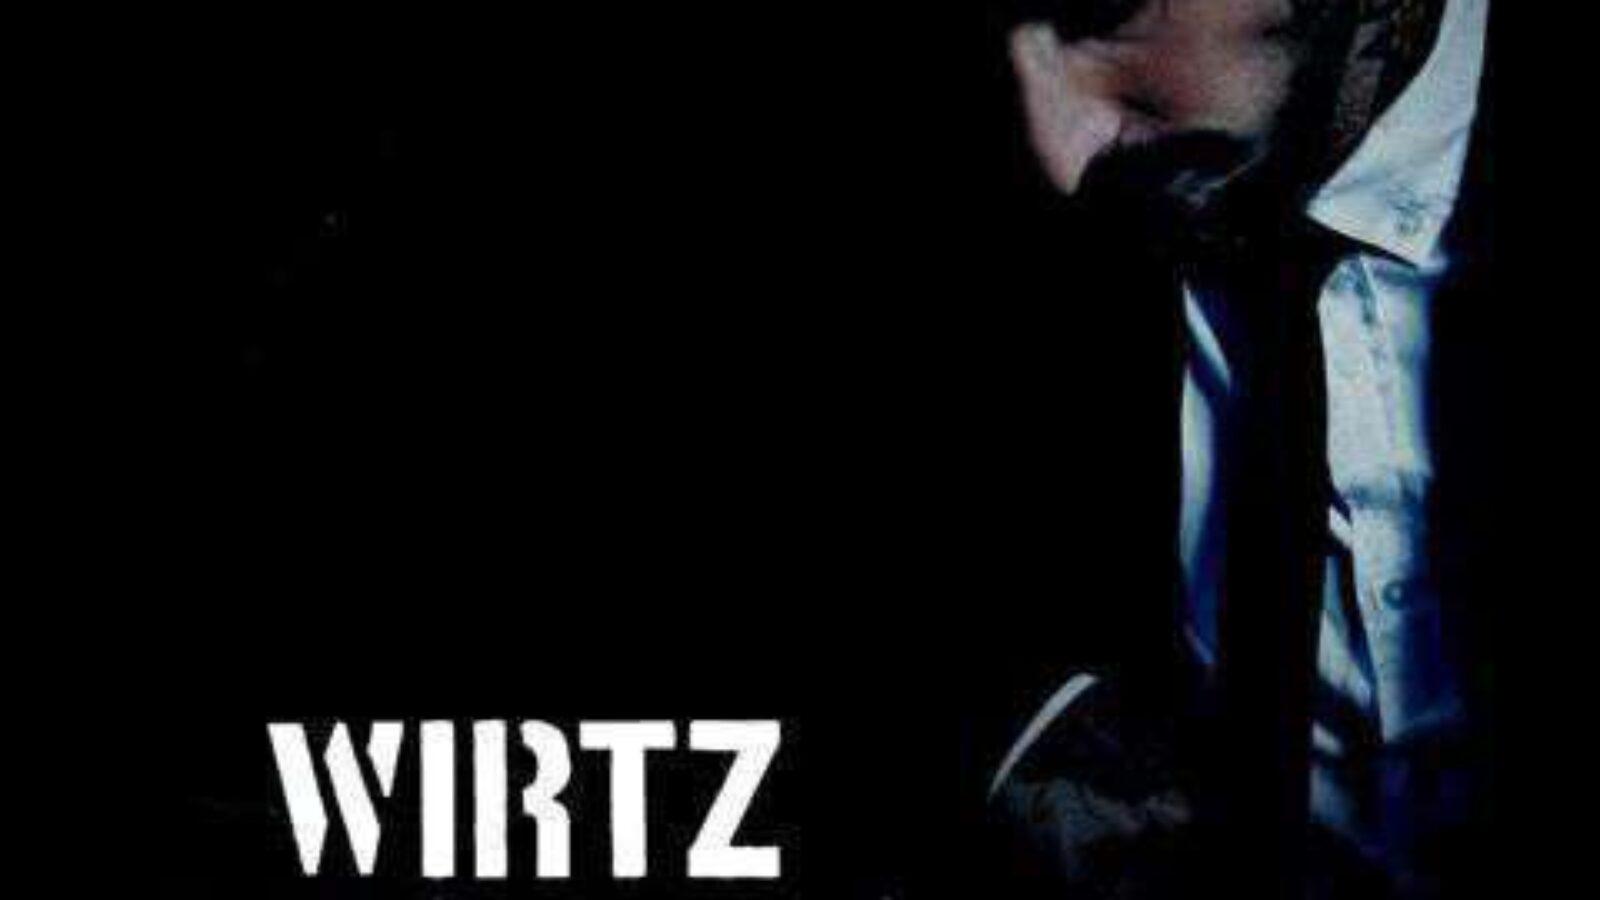 WIRTZ Unplugged